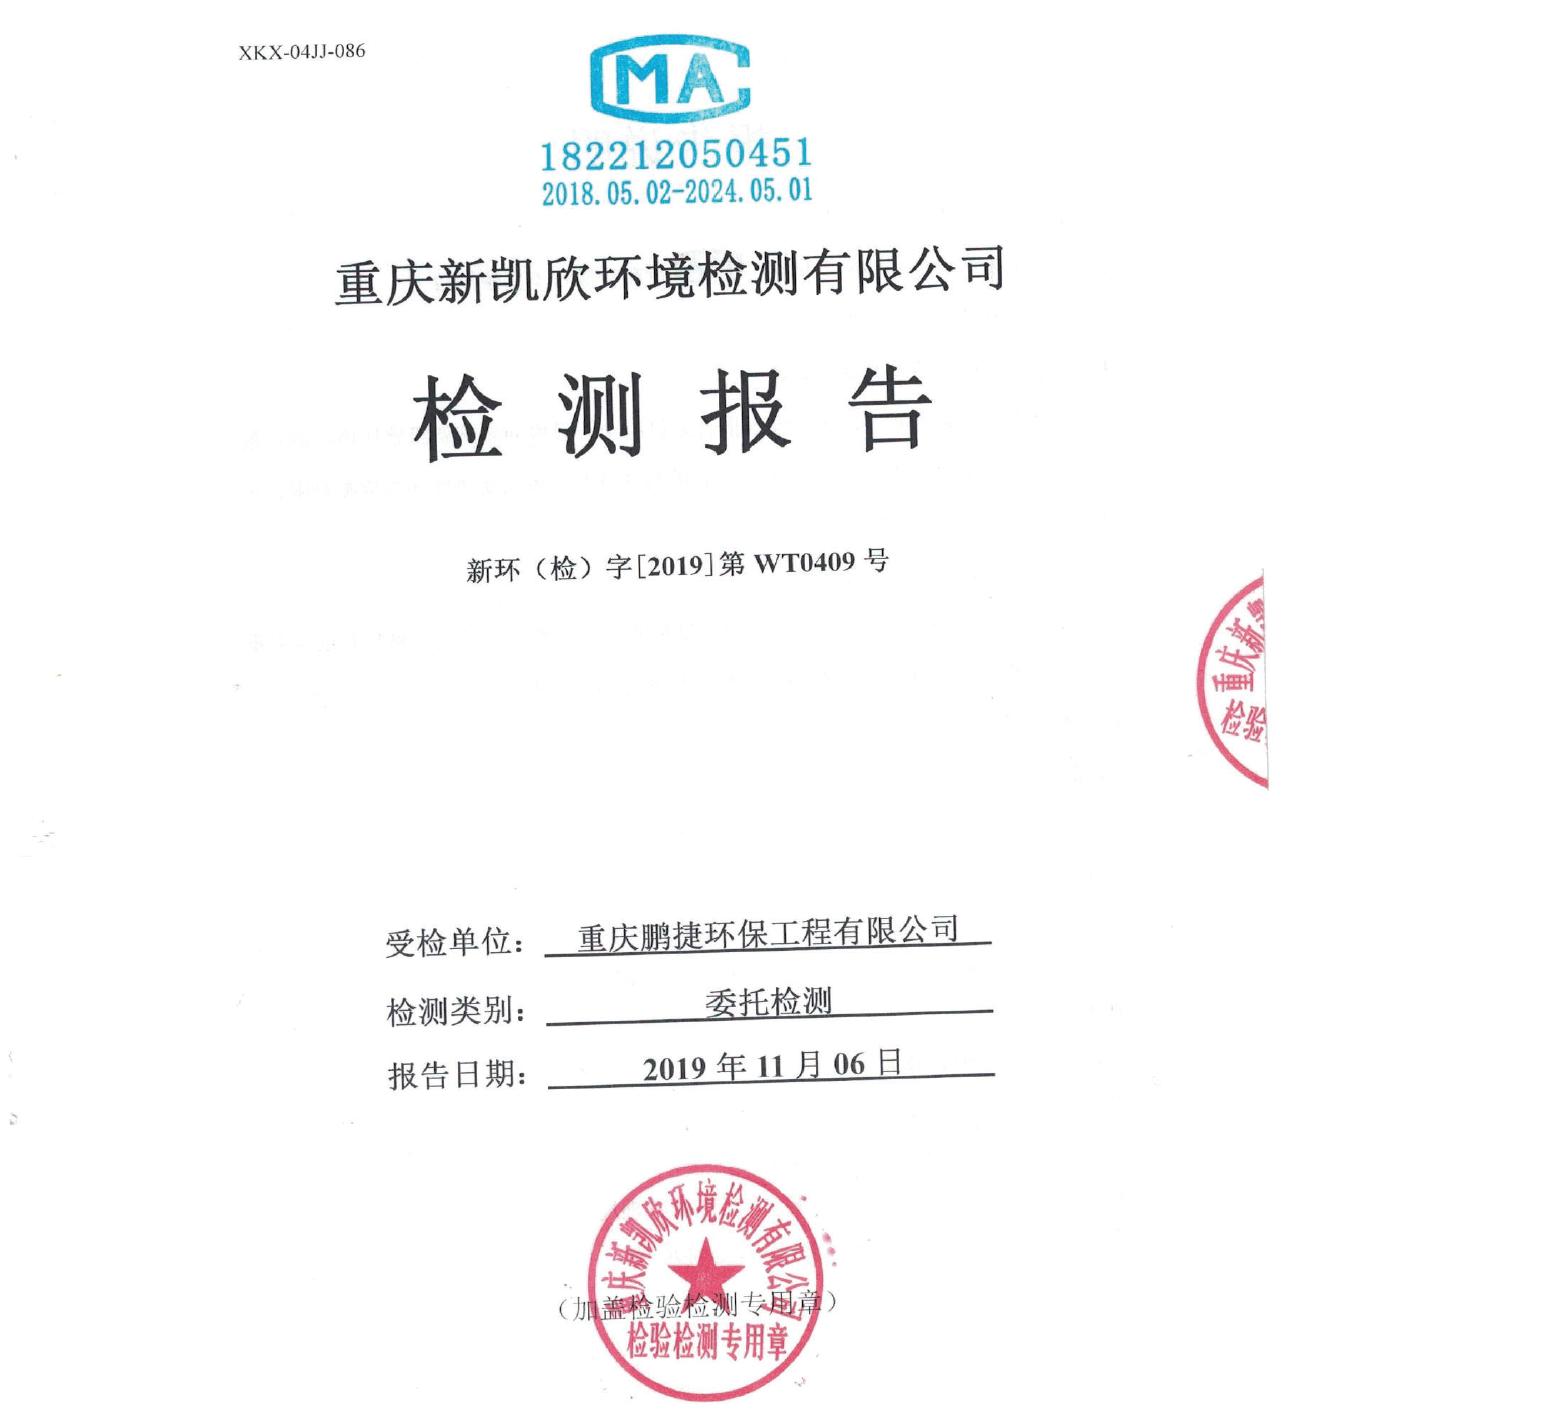 重庆鹏捷12博备用工程有限公司土壤监测结果的公示